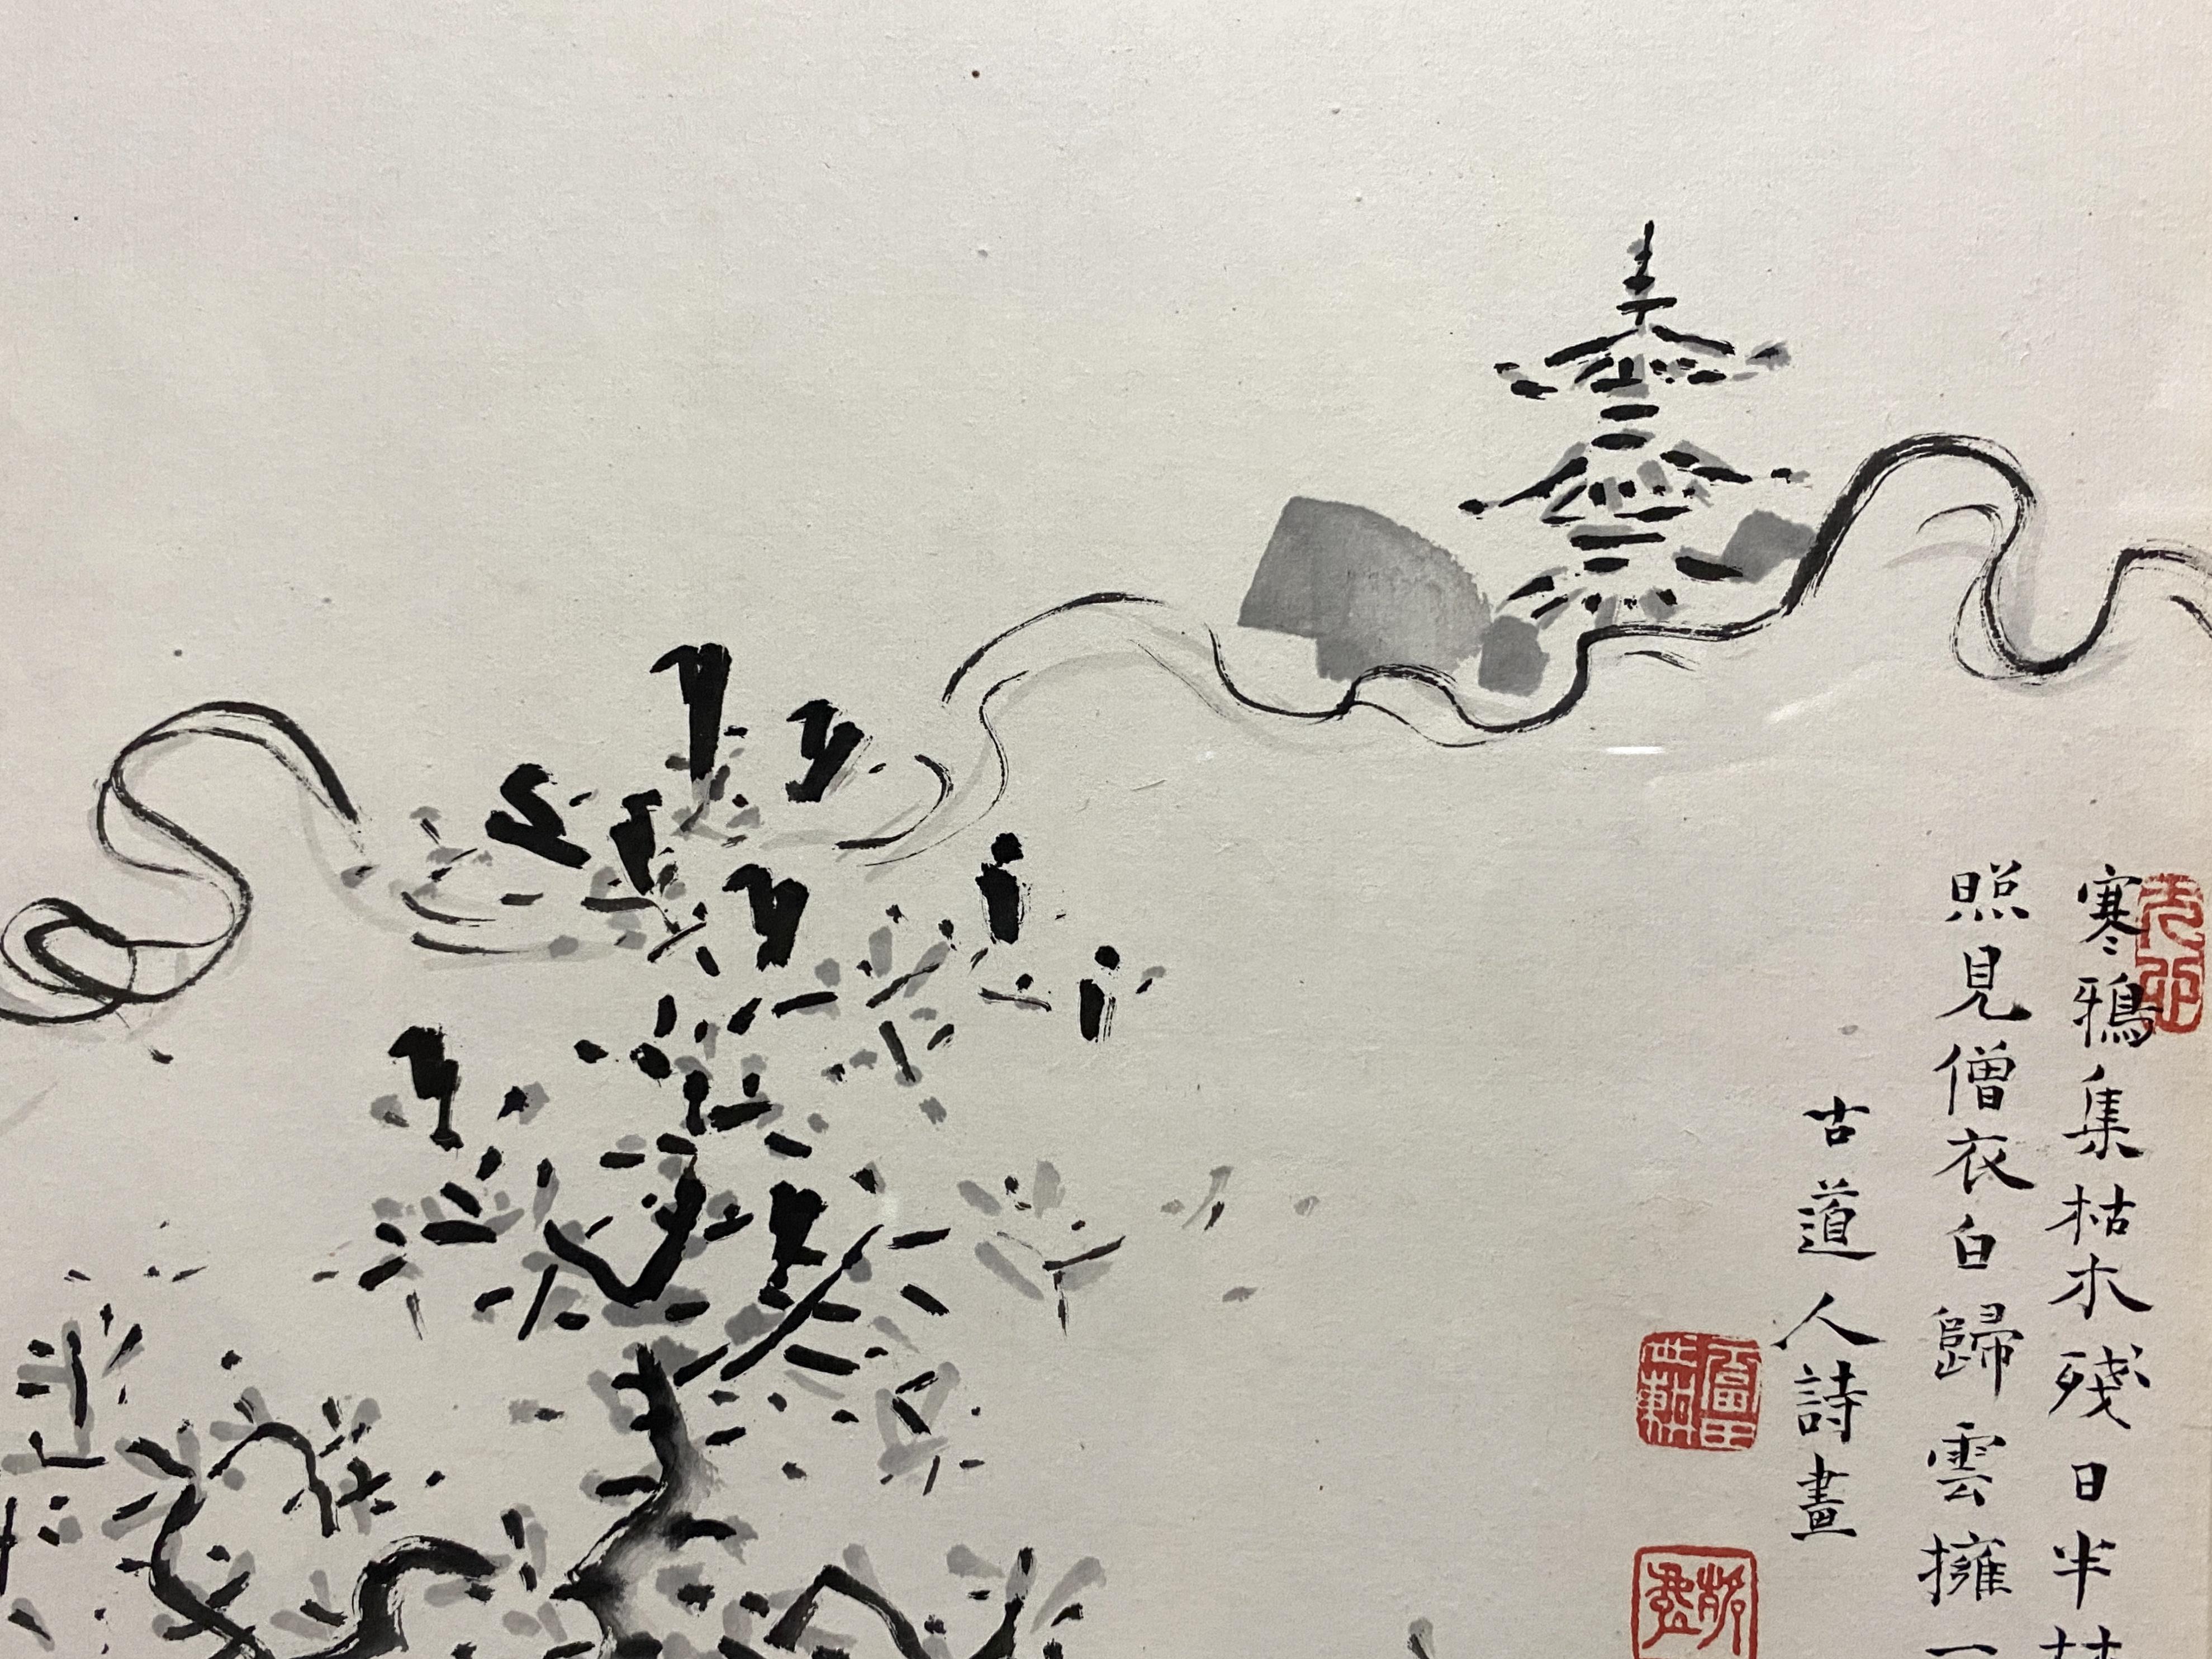 福田古道人 鴉集枯木図 額装